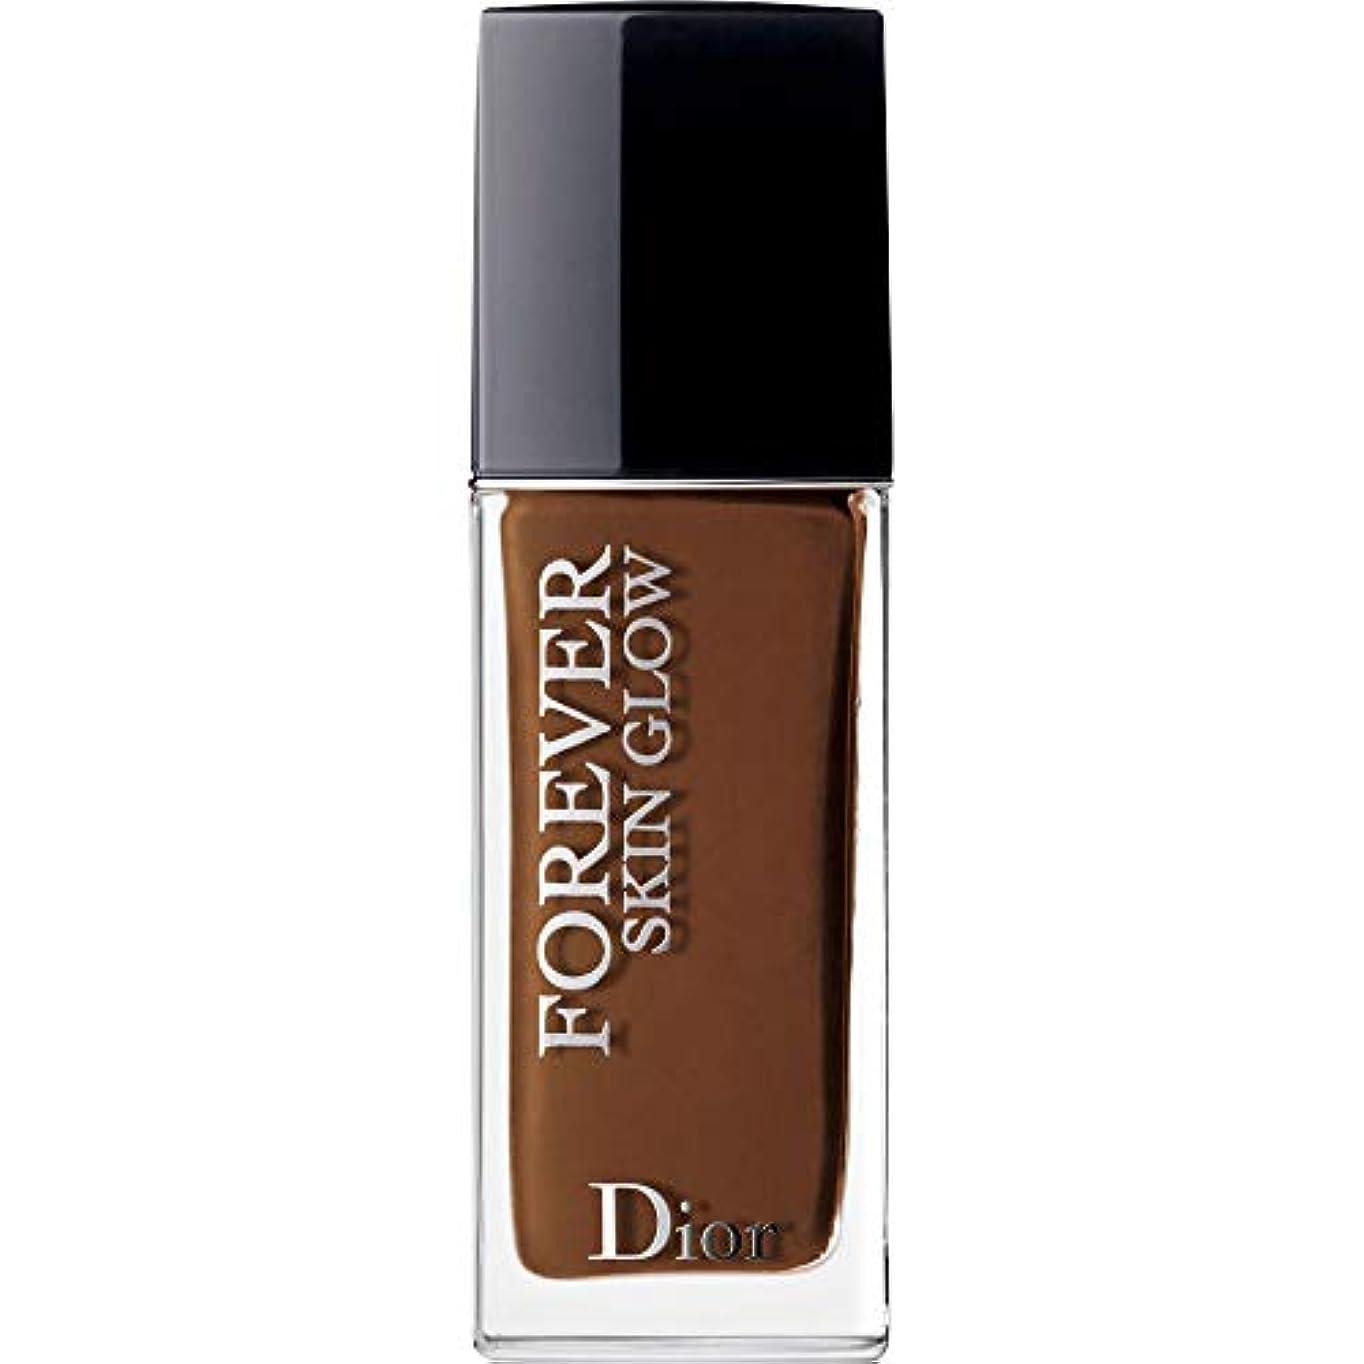 ファイナンス穴アイドル[Dior ] ディオール永遠に皮膚グロー皮膚思いやりの基礎Spf35 30ミリリットルの9N - ニュートラル(肌の輝き) - DIOR Forever Skin Glow Skin-Caring Foundation...